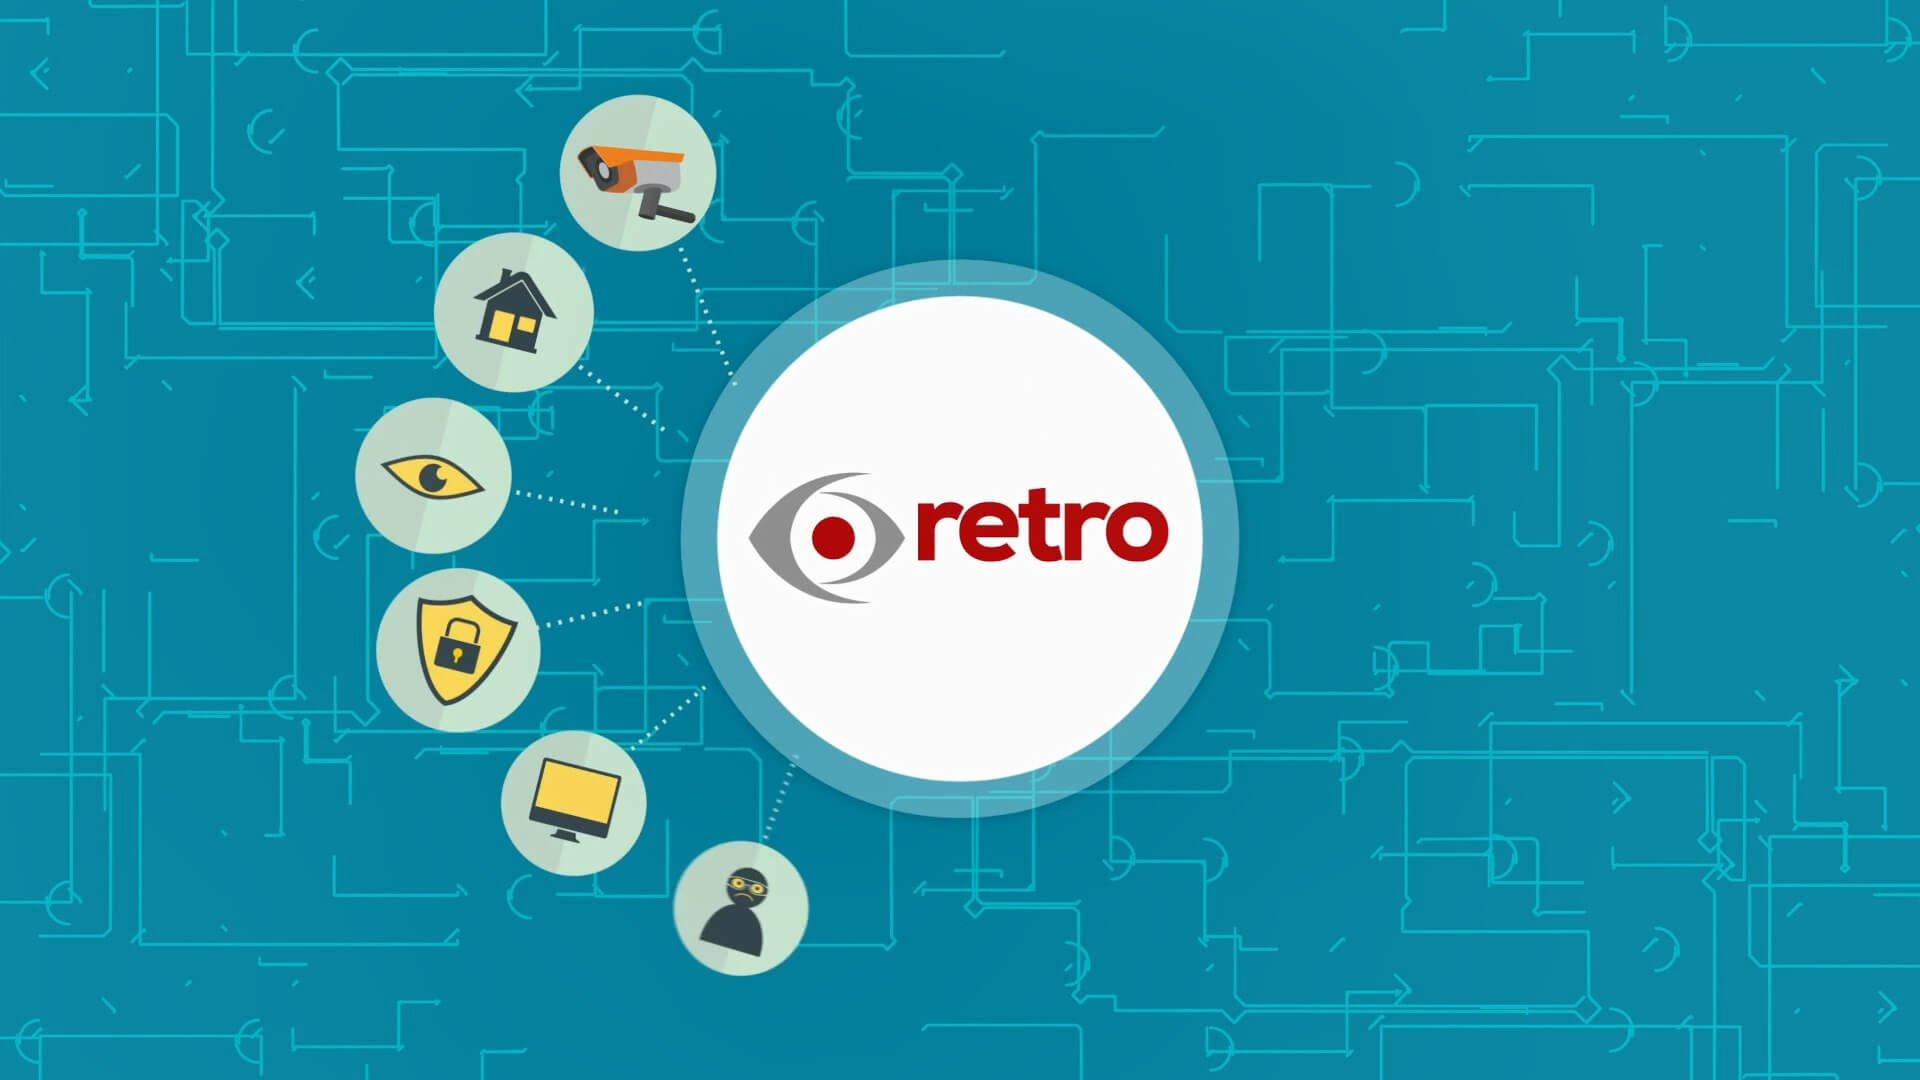 Retro4 1920x1080 - Animasyon ile Kurumsal Tanıtım